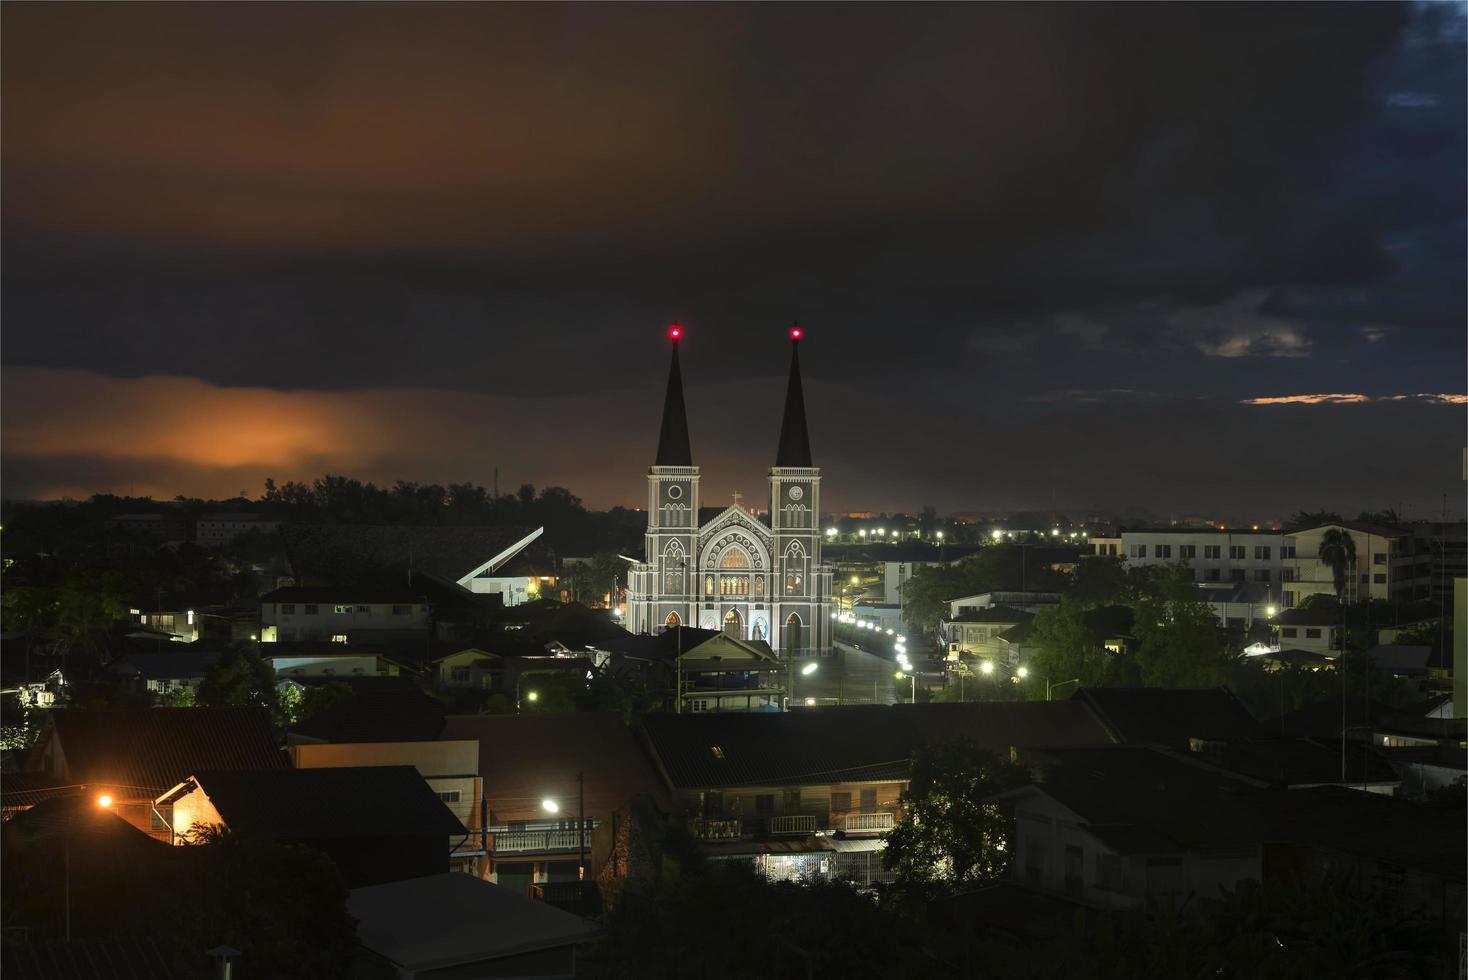 église catholique de nuit photo